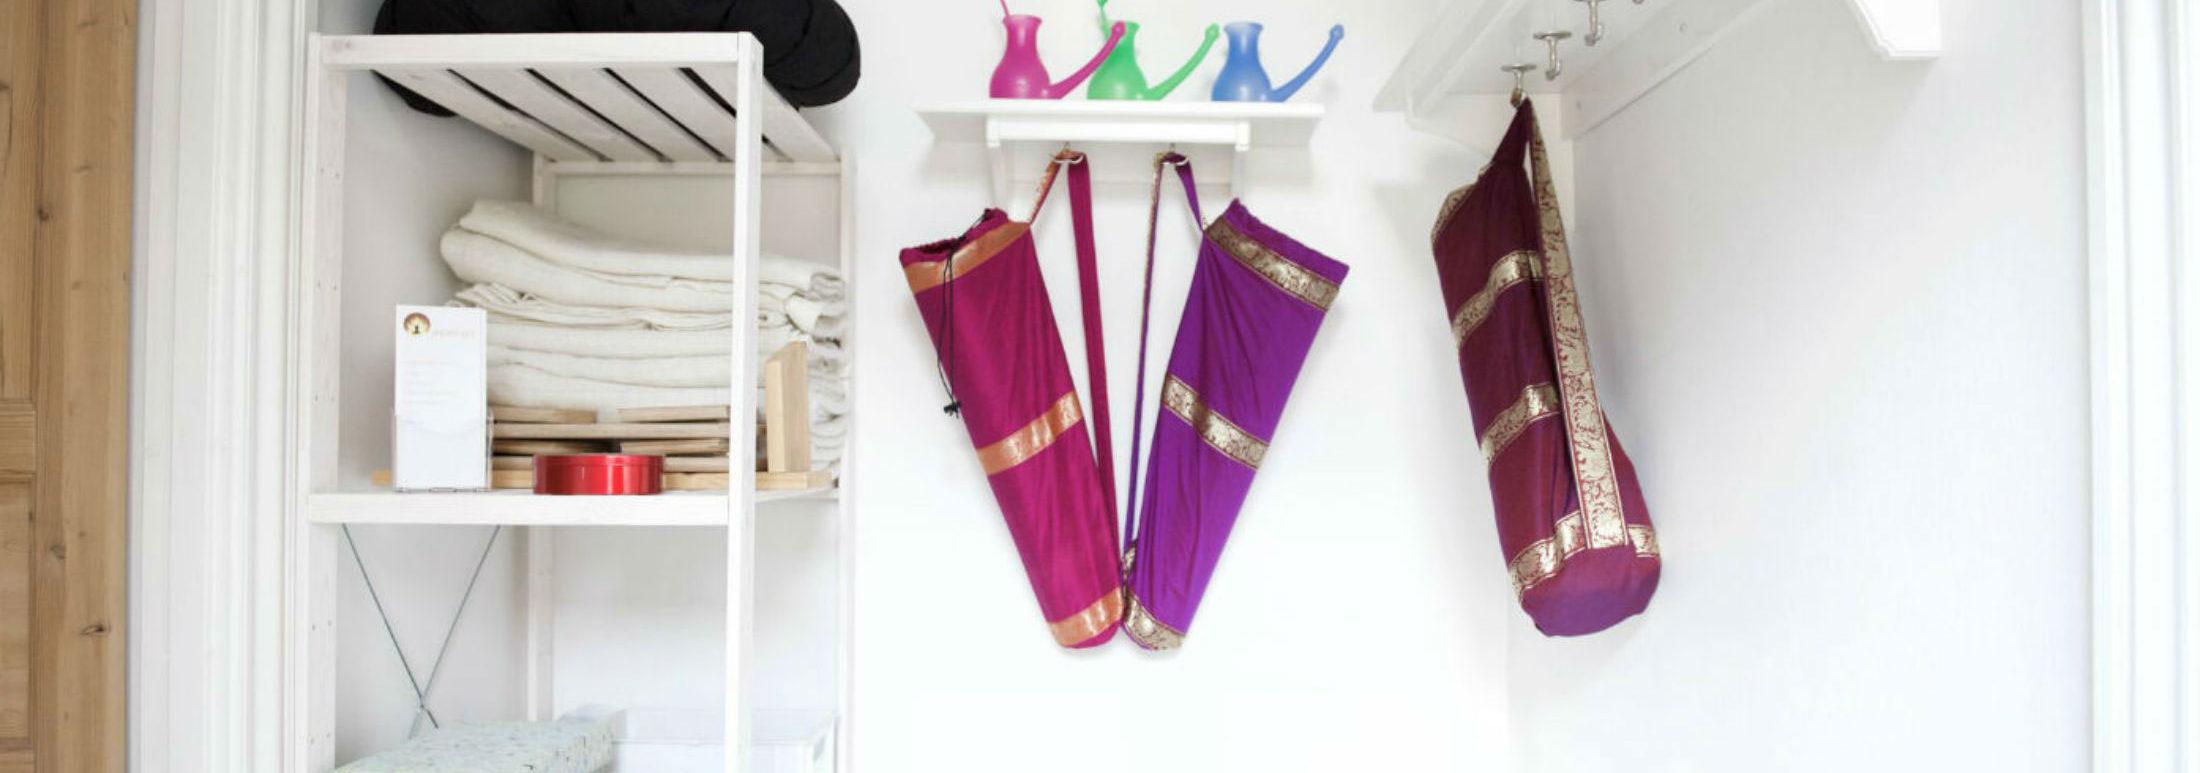 Yogaudstyr kan købes hos Indre ro I Odense